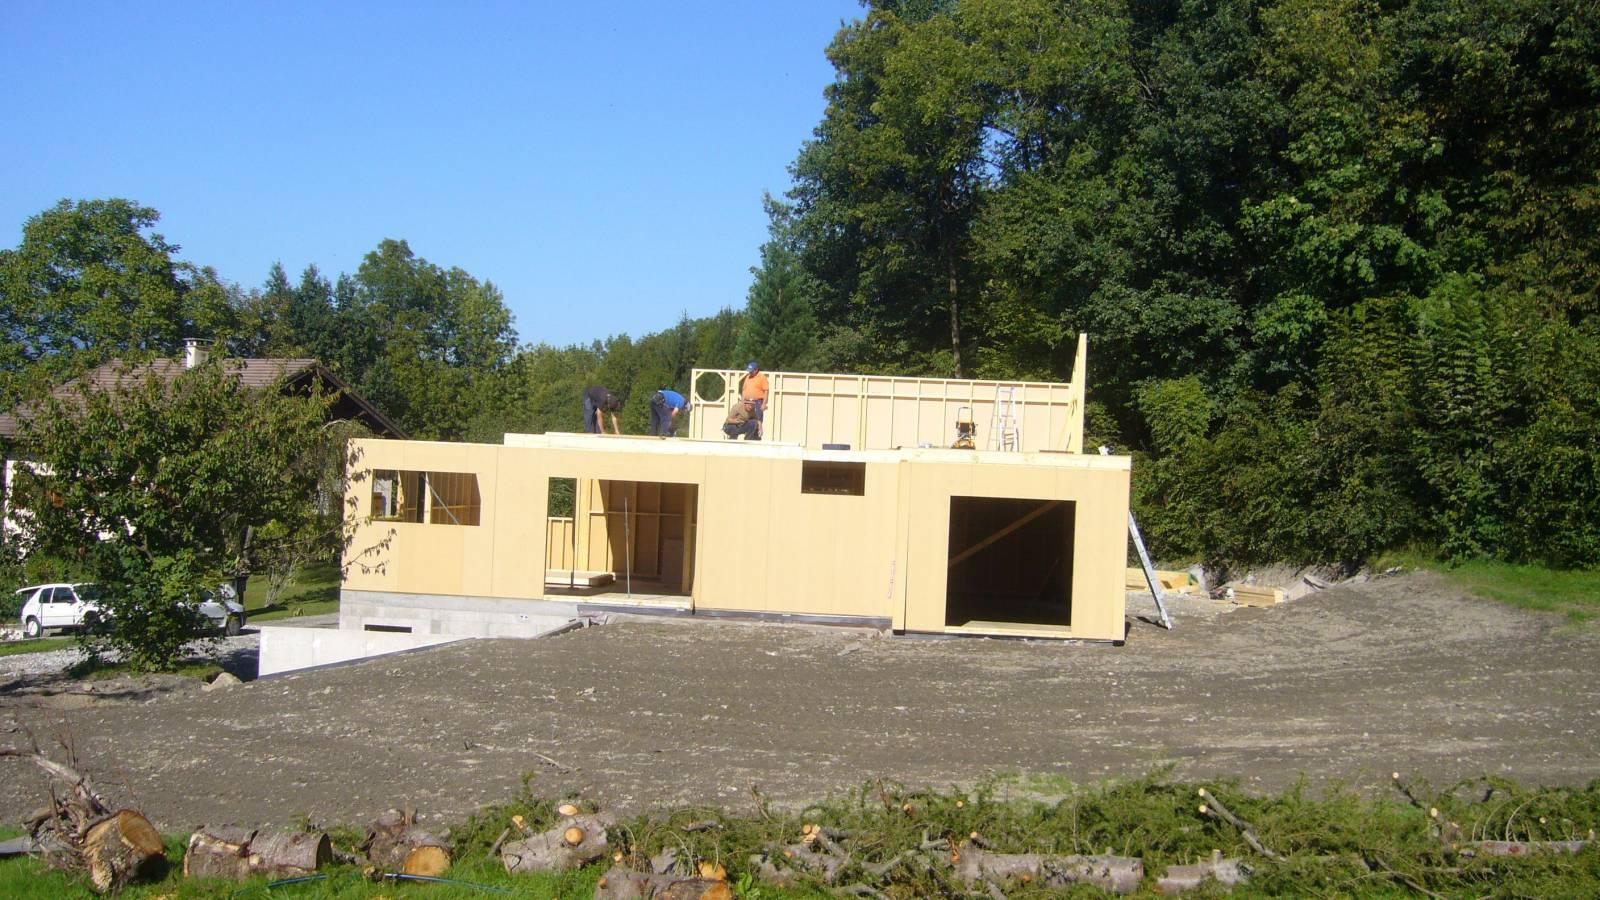 Maison En Bois Annecy mais bardage bois - charpentier constructeur de maison bois